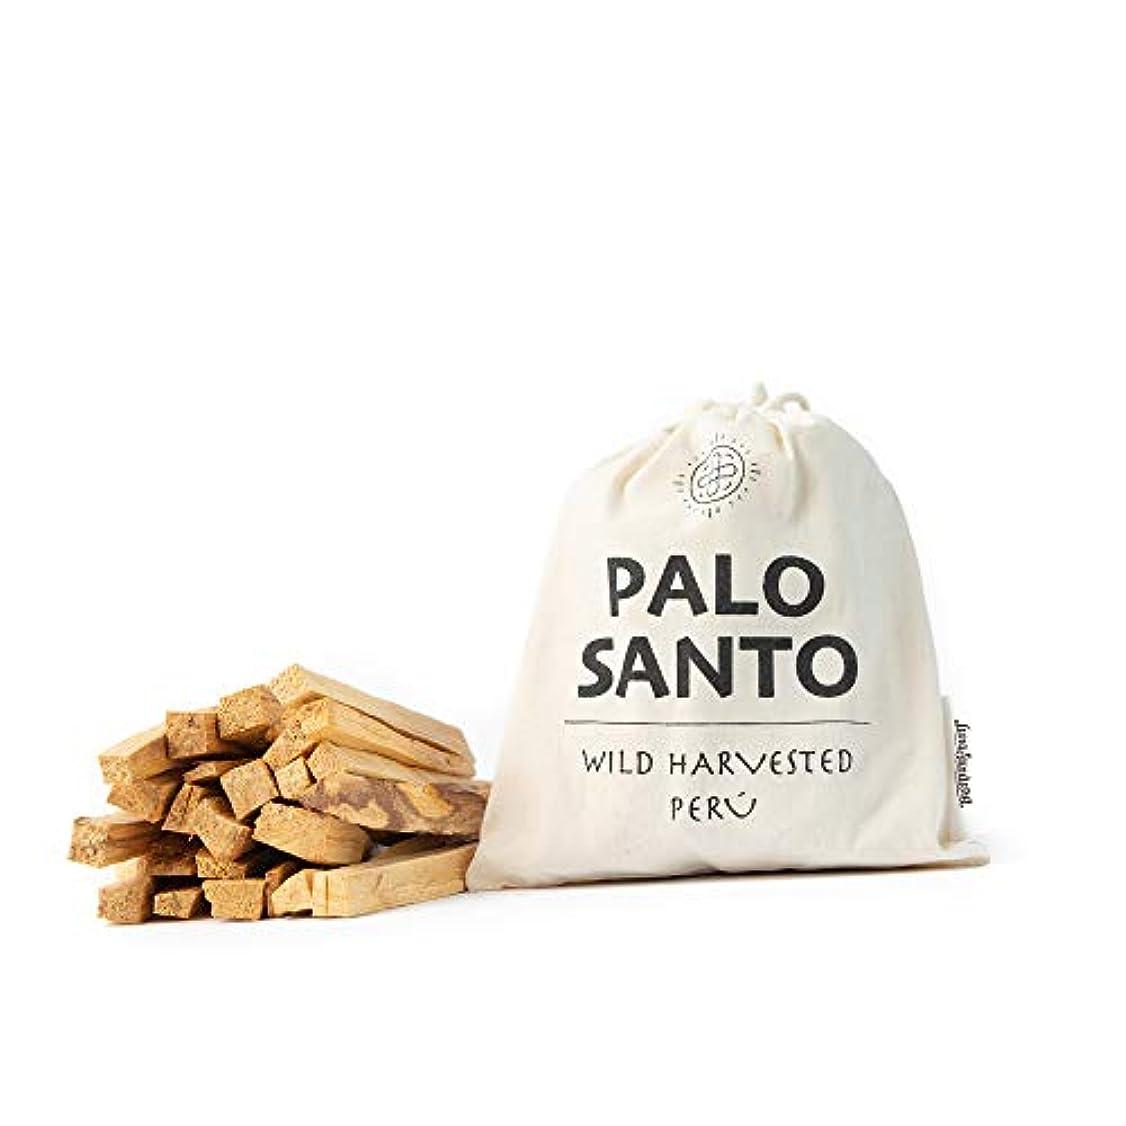 語興味除外するLuna Sundara Palo Santo Smudging Sticks Peru Sustainably Harvested Quality Hand Picked - 100グラム(約18-25スティック)